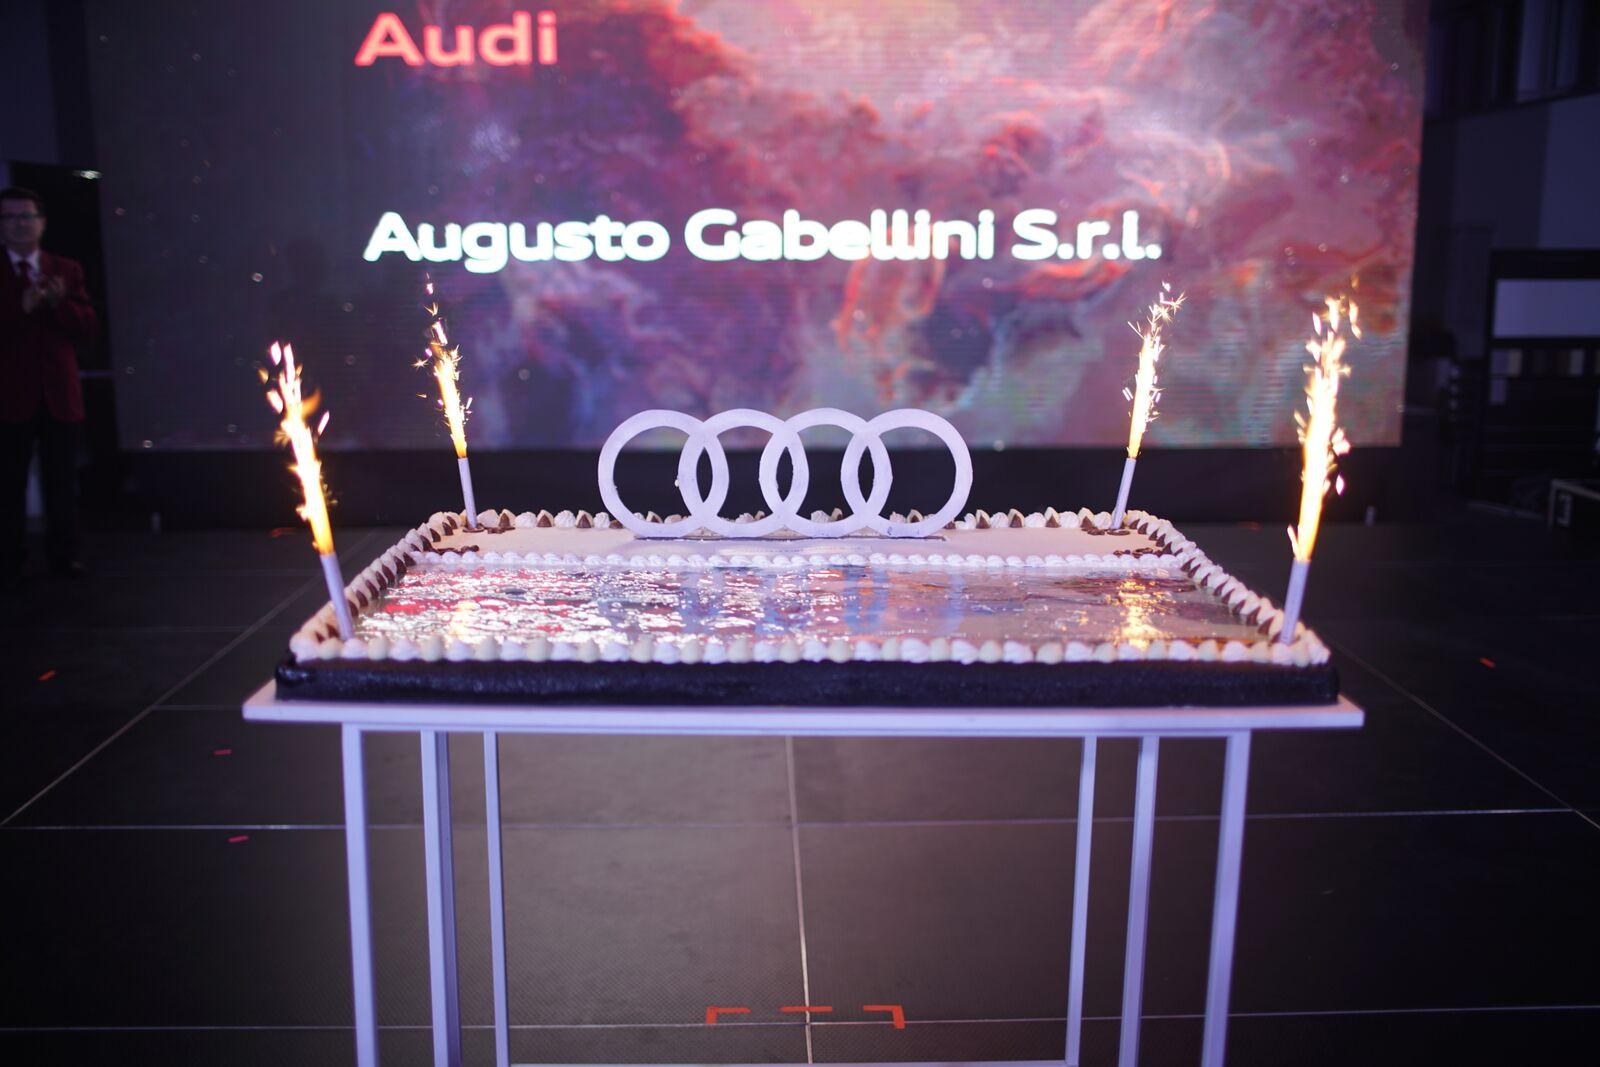 Inaugurazione Showroom e Nuova Audi Q8 e Audi A6